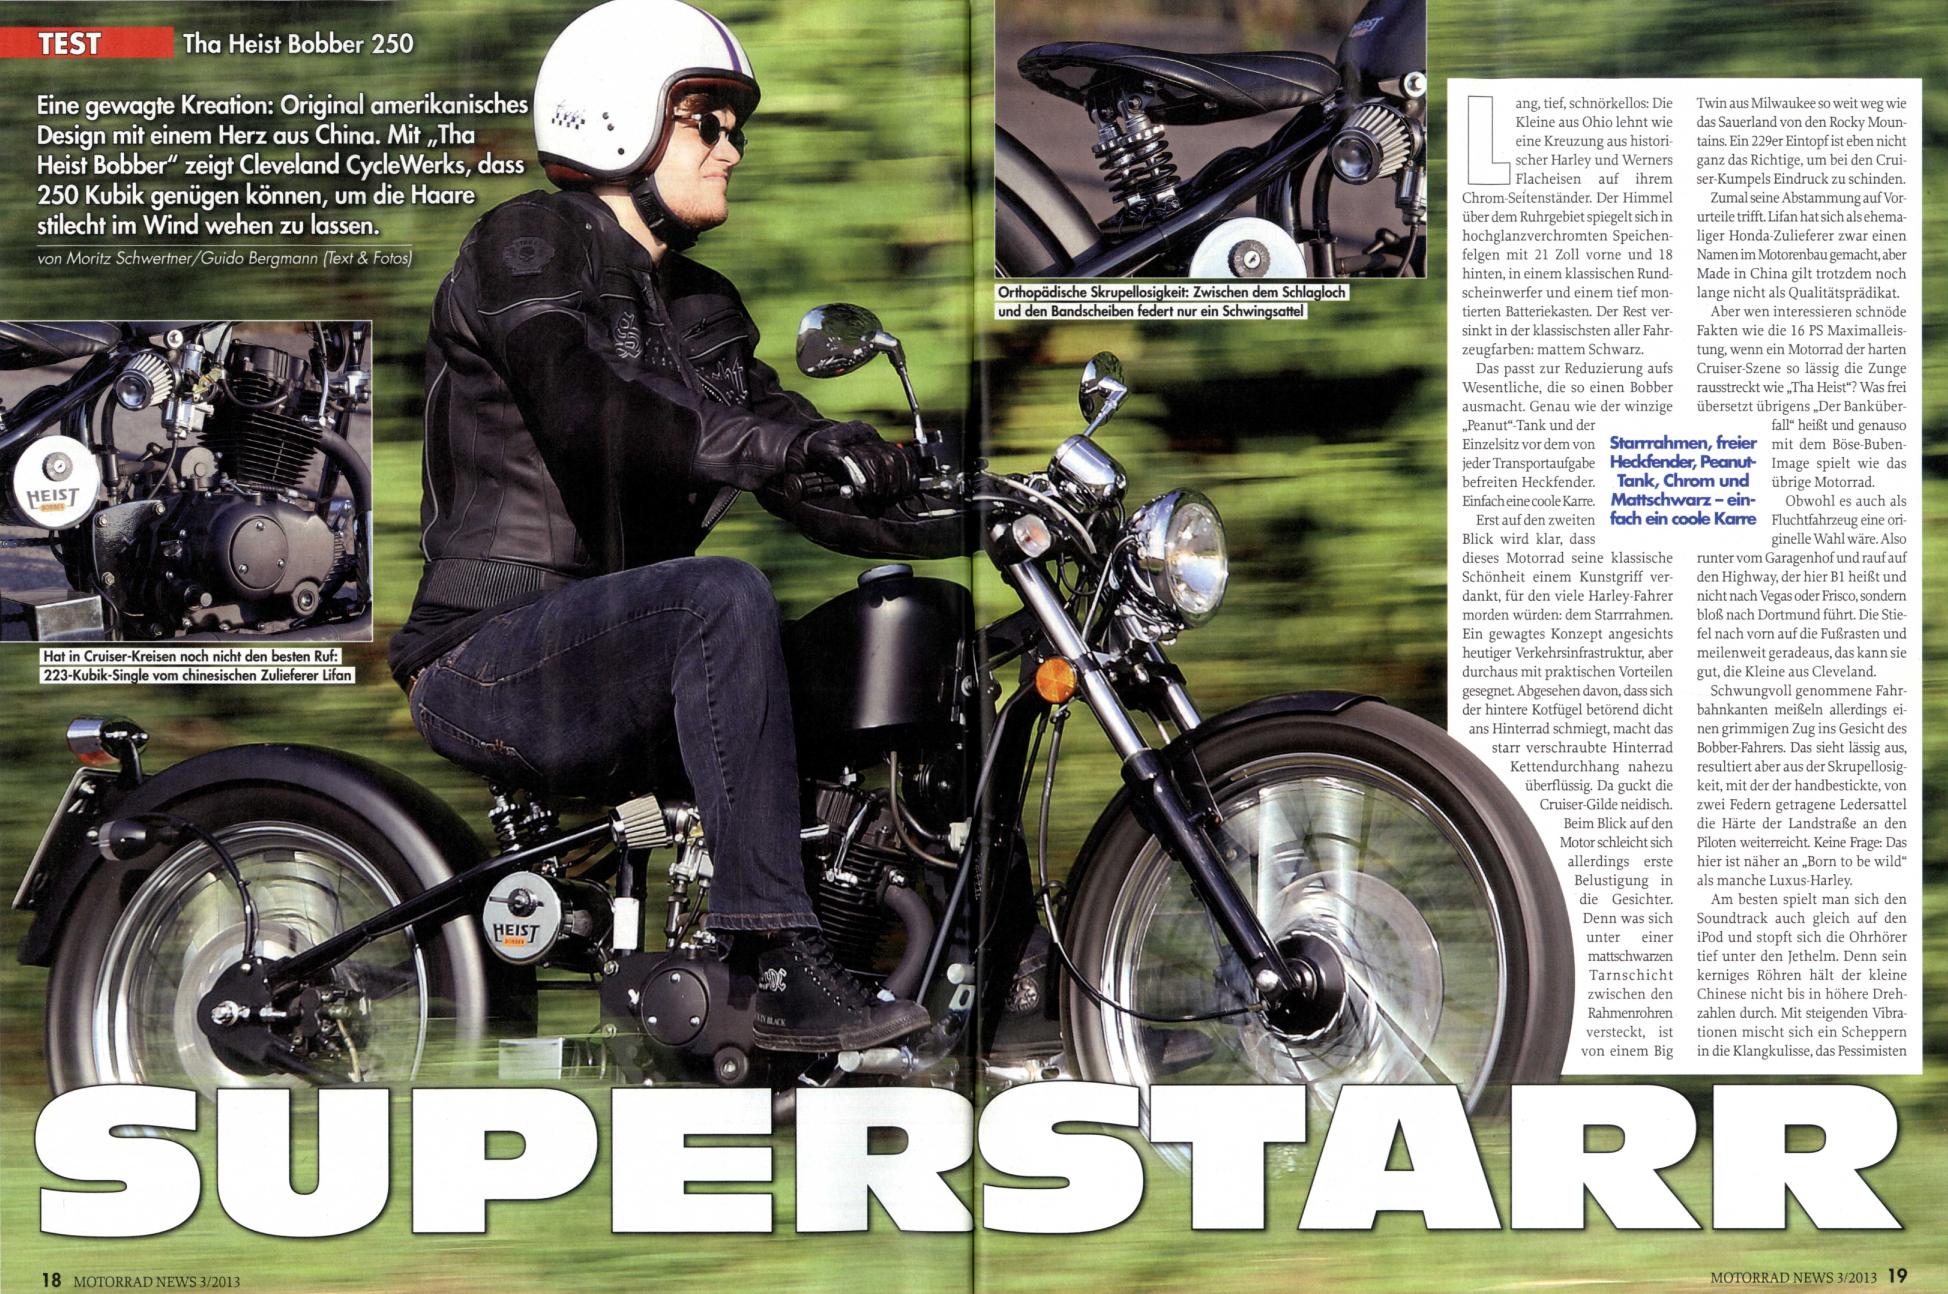 Motorrad_News_03-1.2013_01.jpg